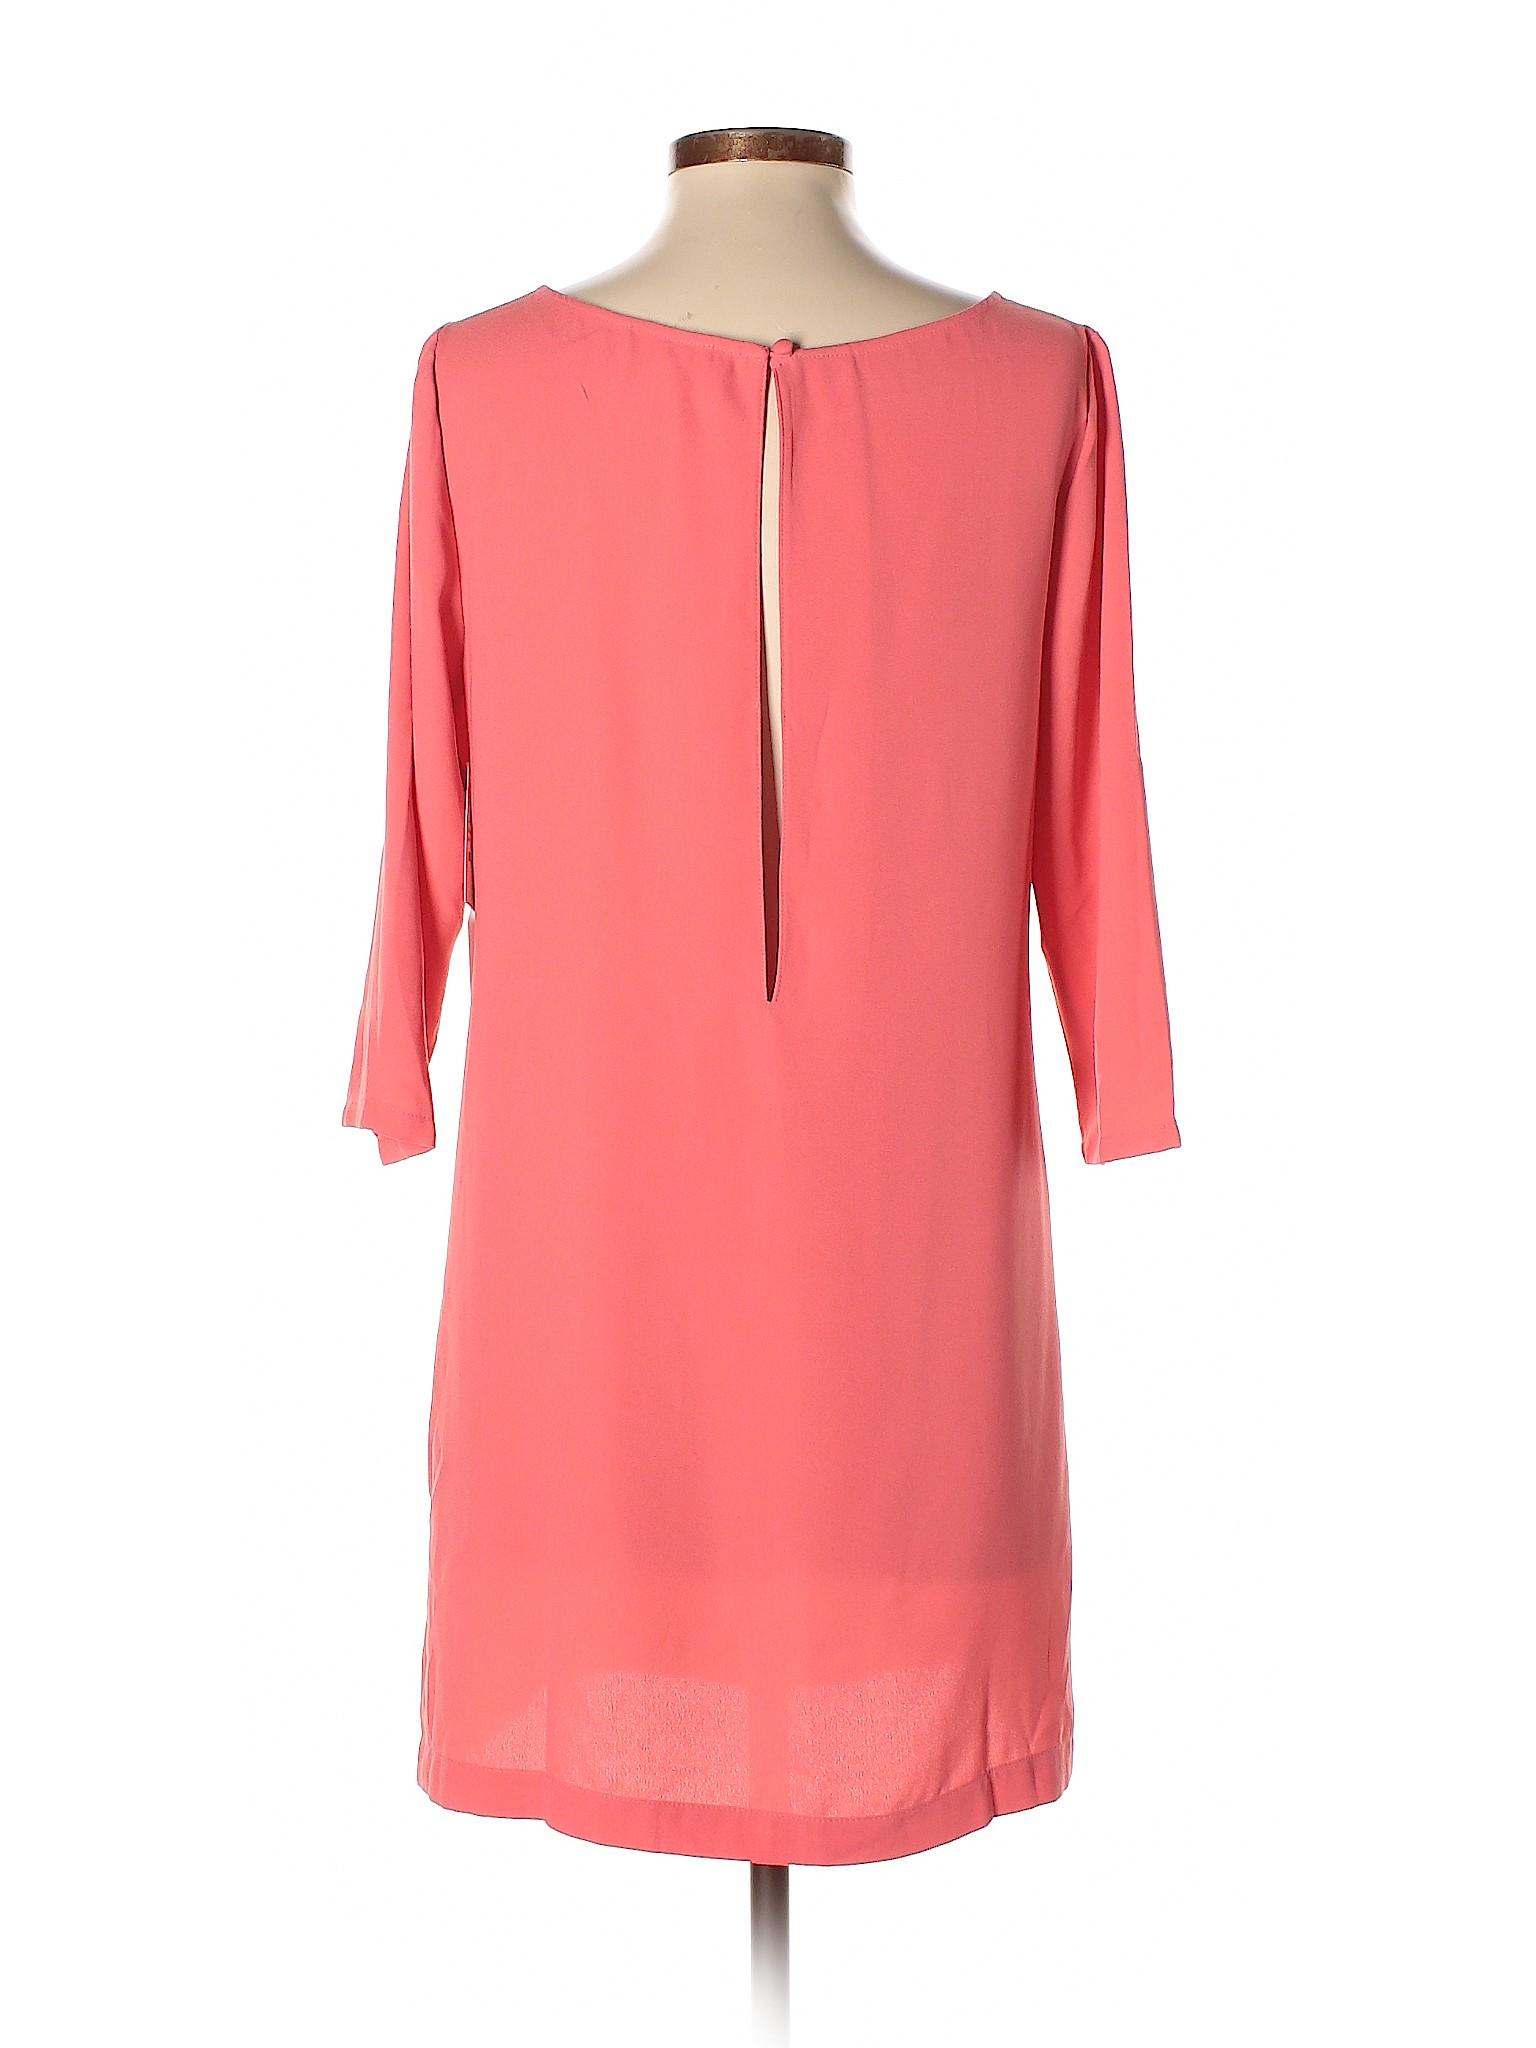 Selling Casual Selling Leith Casual Selling Leith Casual Selling Casual Dress Dress Leith Selling Dress Dress Leith Hp5q5